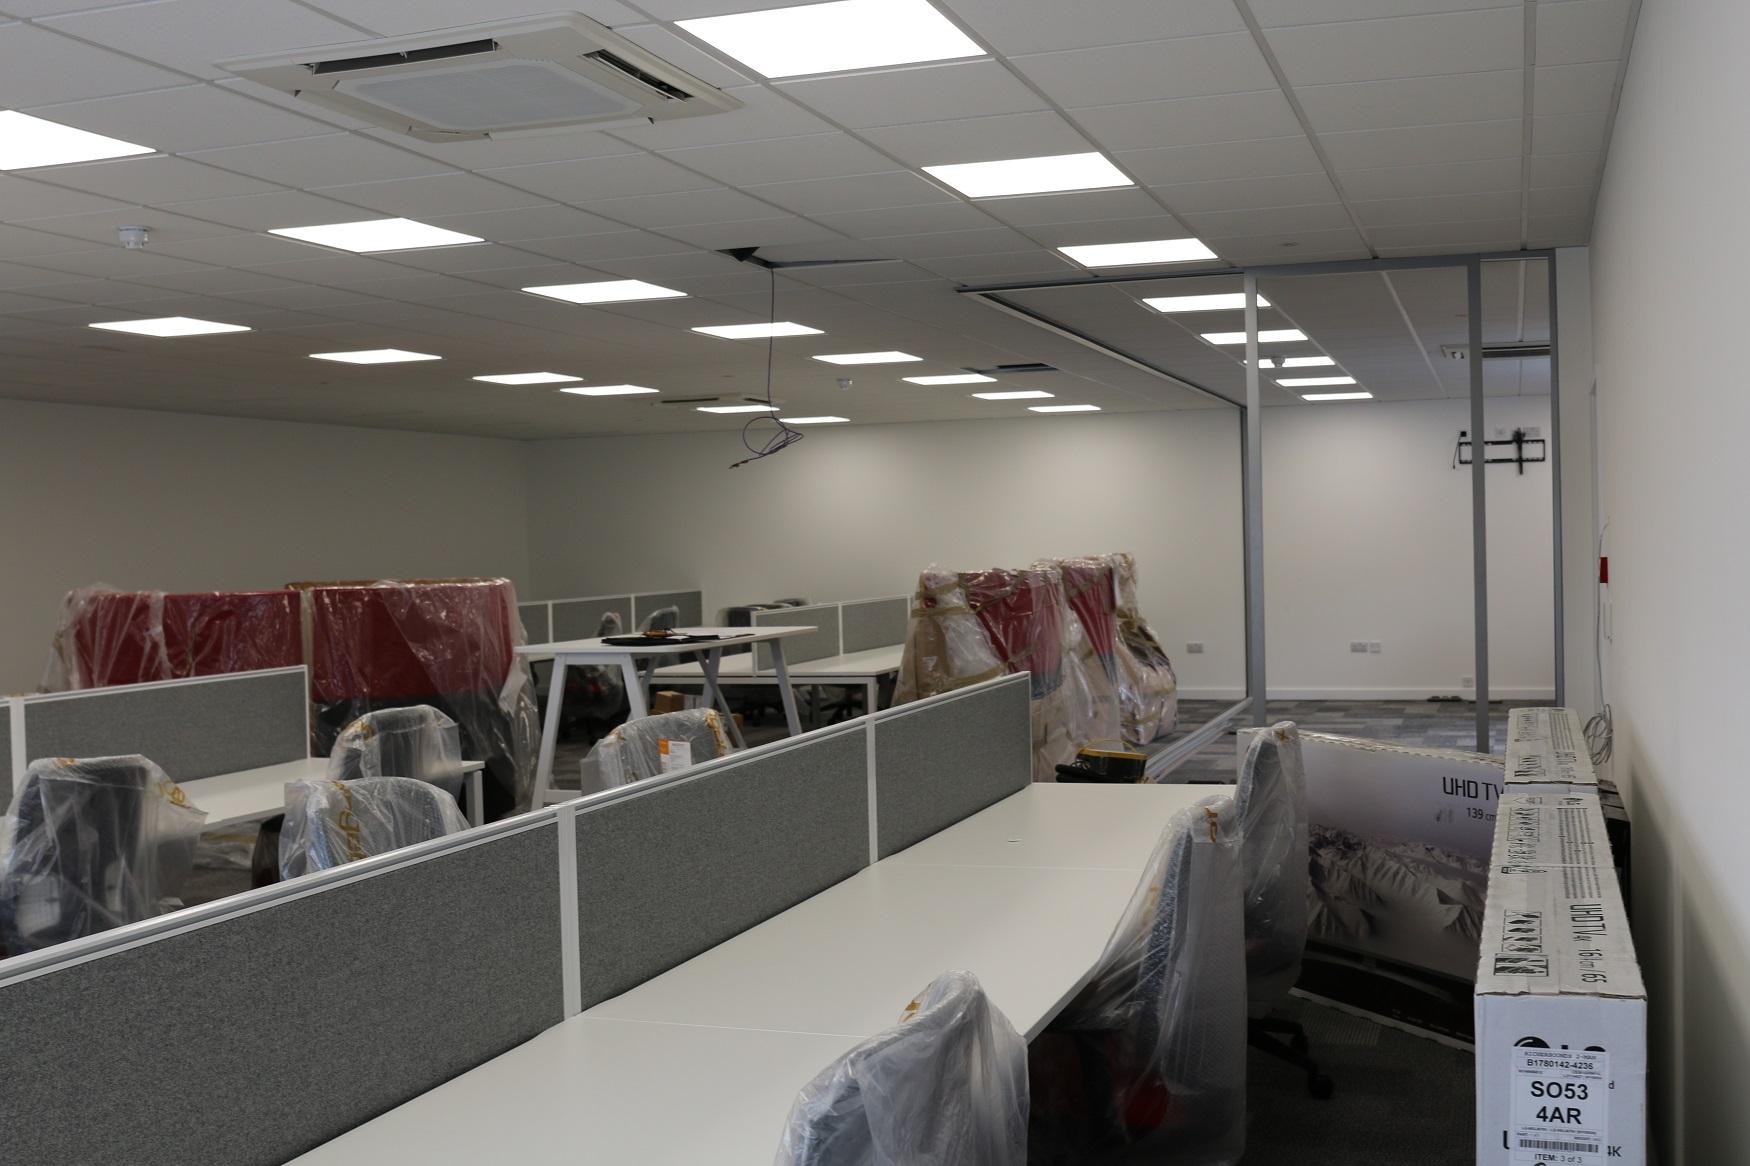 New open plan office workspace